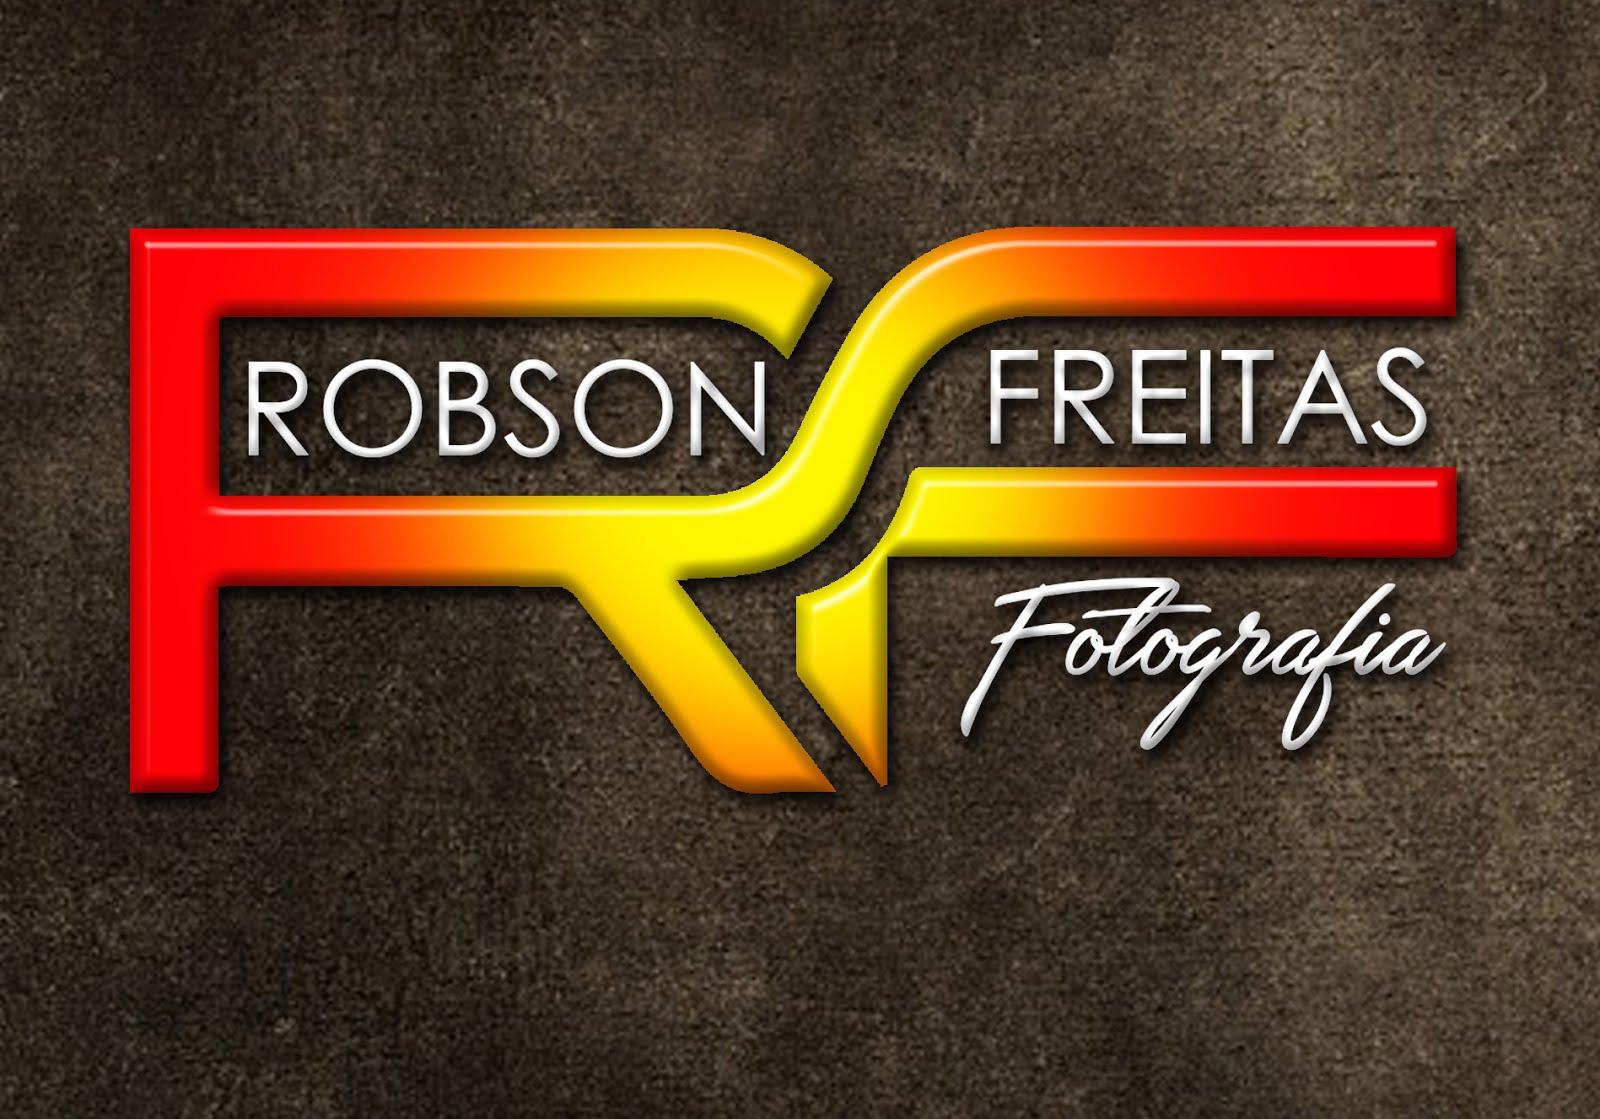 ROBSON FREITAS FOTOGRAFIA